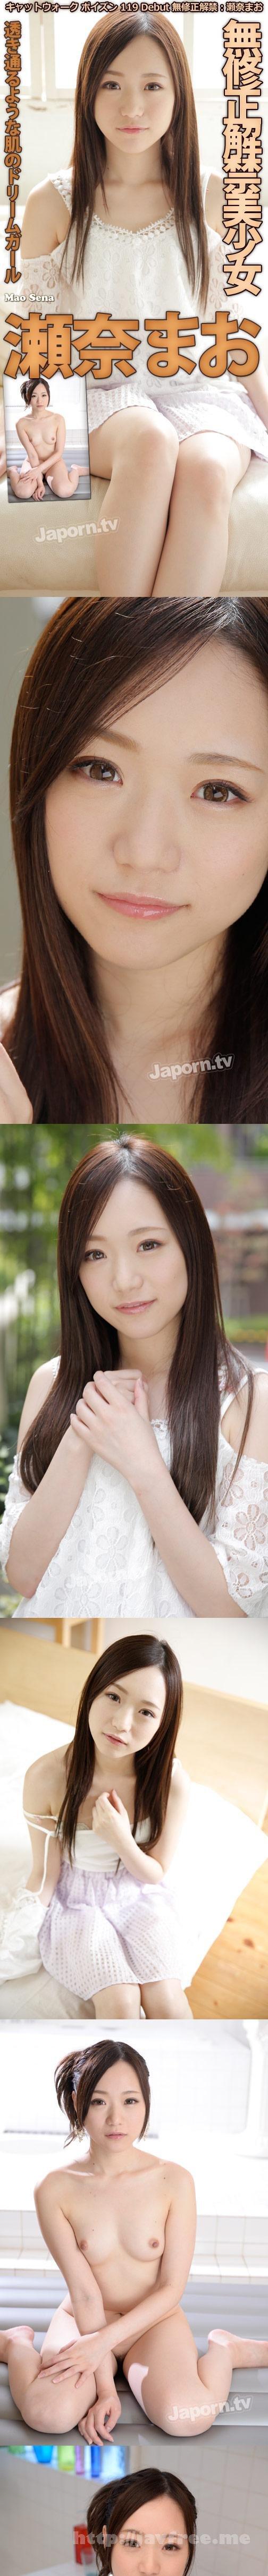 [CWPBD-11][CWP-11] CATWALK POISON 11 : Yuki Mizuho (Miyu Kousaka) - image CWPBD-11_1 on https://javfree.me